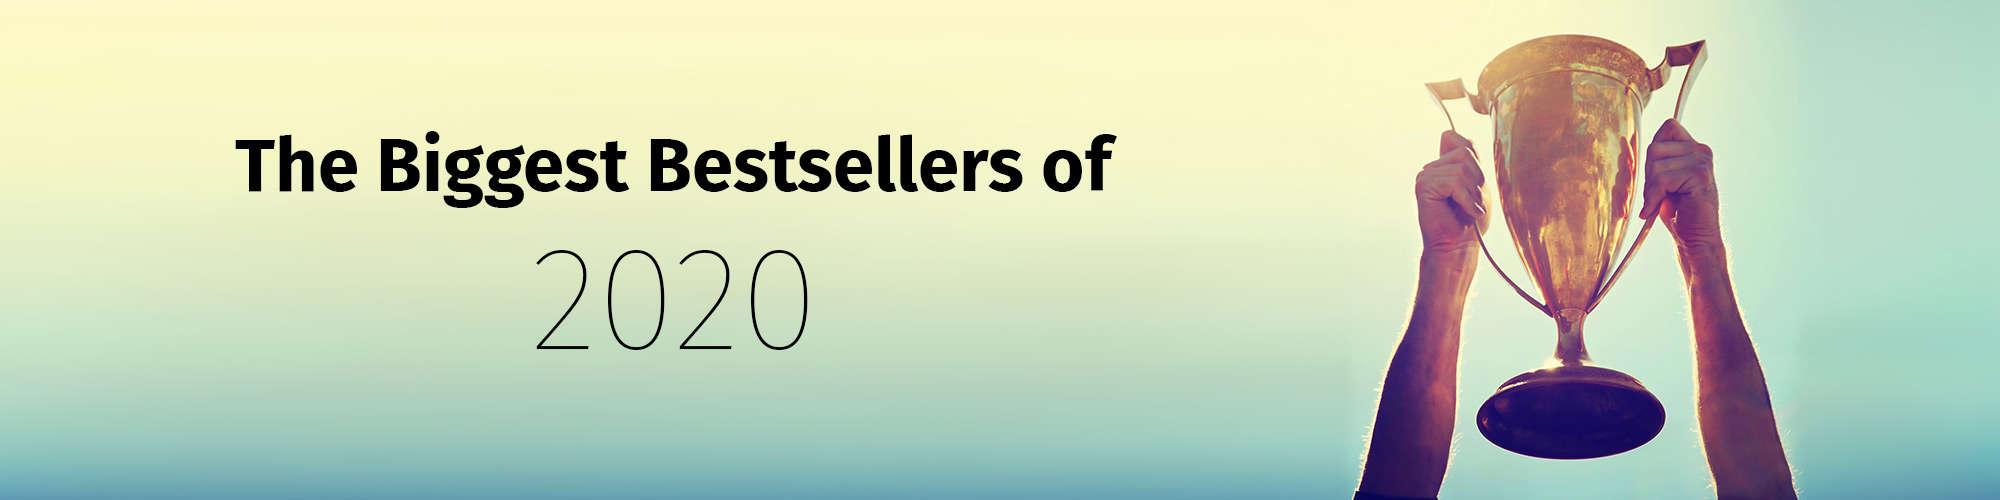 Biggest Bestsellers of 2020